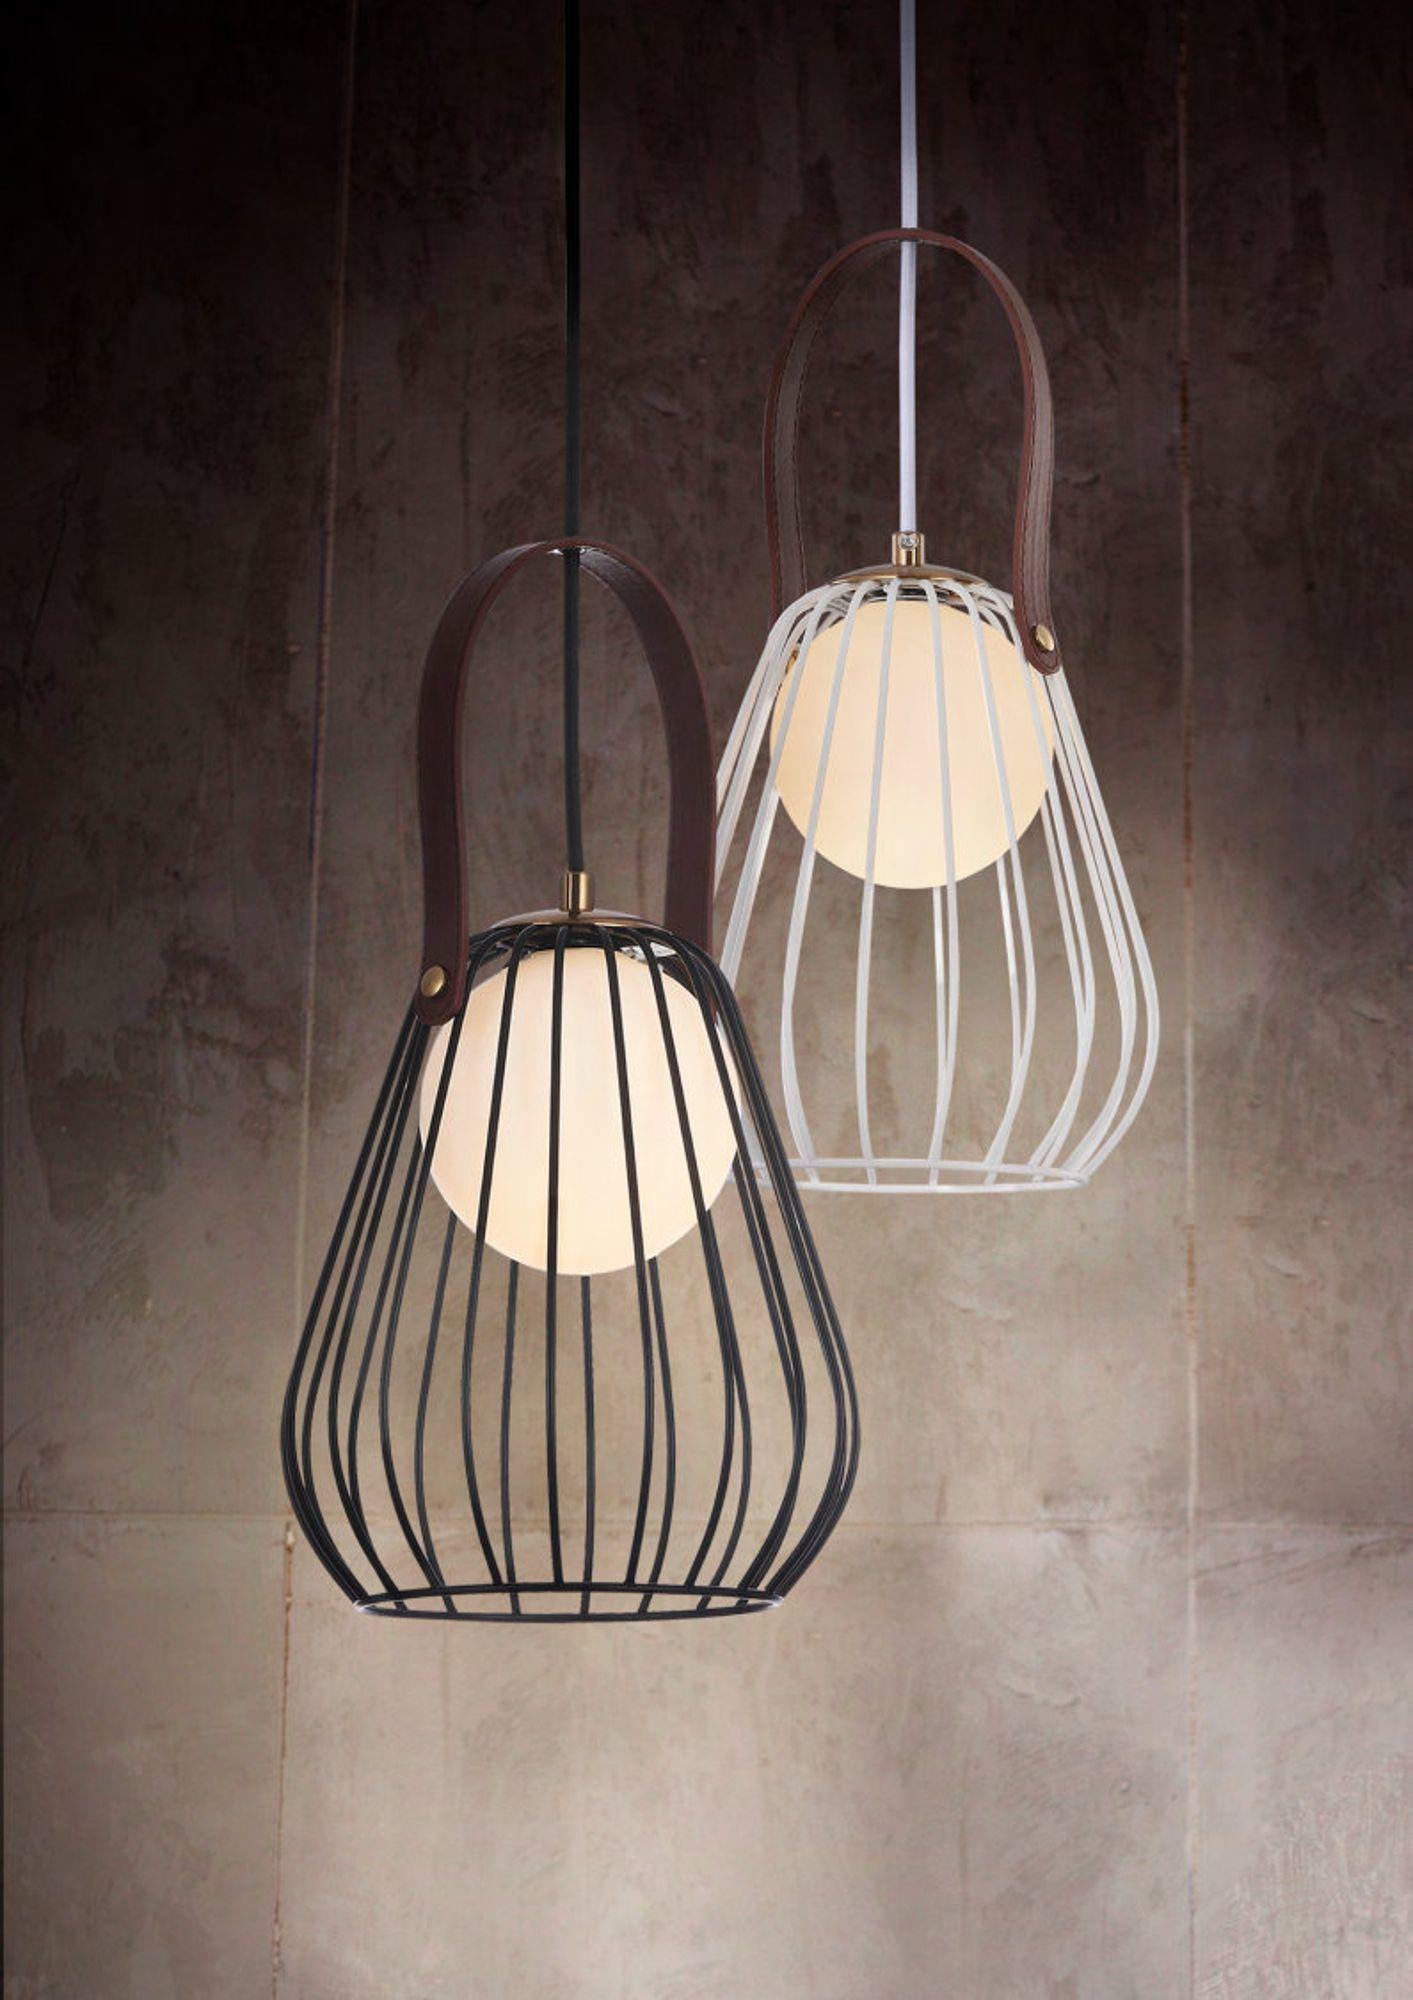 Подвесной светильник Maytoni Indiana MOD544PL-01B, 1xG9x28W, коричневый, матовое золото, черный, белый, кожа/кожзам, металл, стекло - фото 5